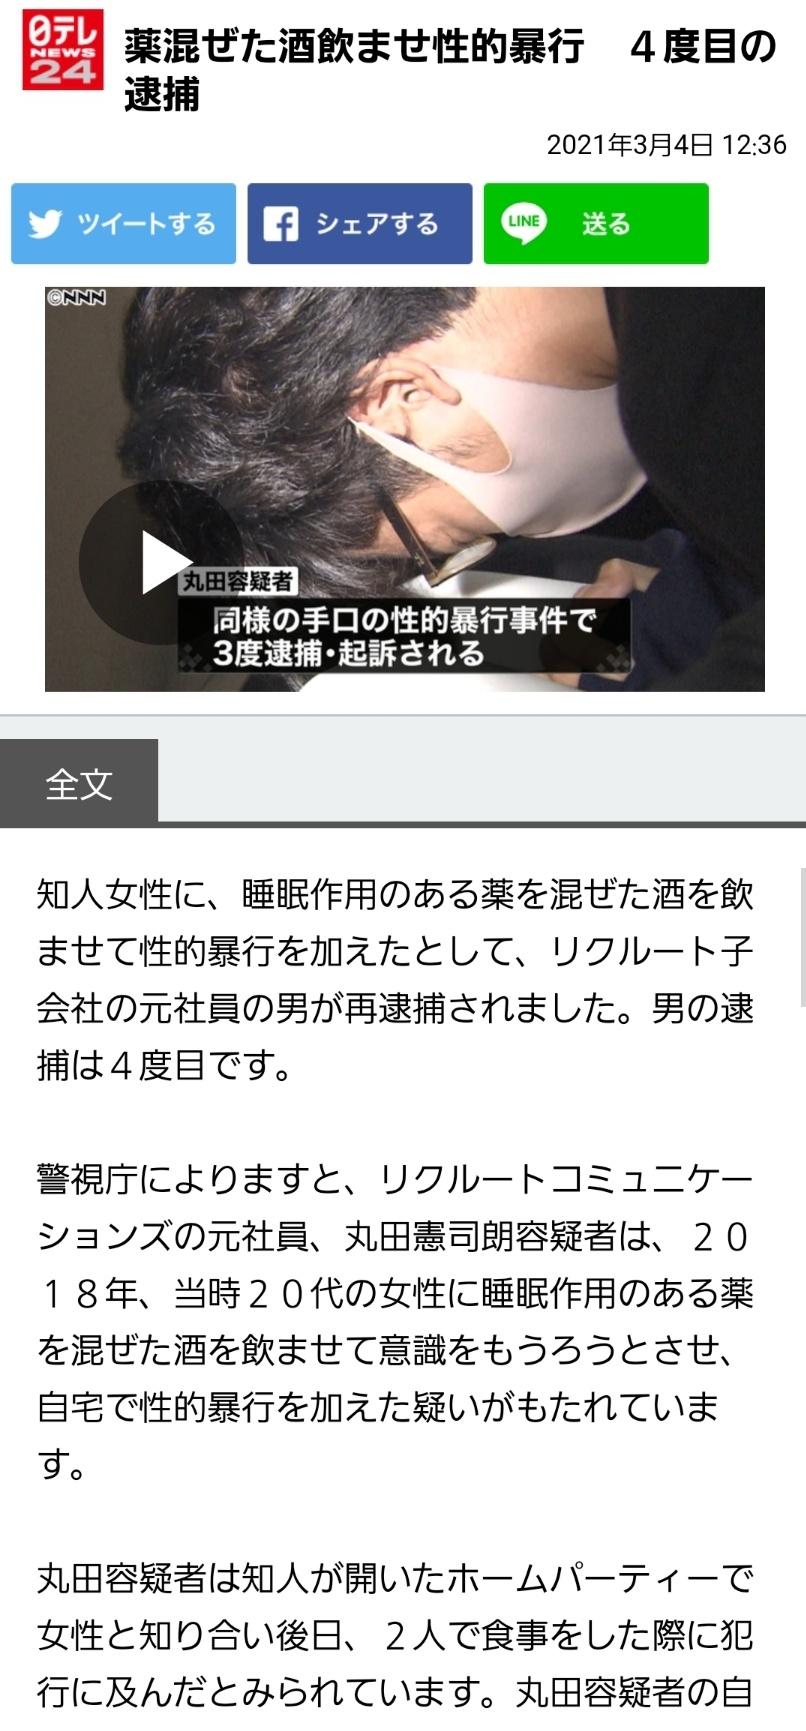 画像,女性の飲み物に睡眠薬を盛って性的暴行した男が8度目の逮捕されたってニュースに驚愕したけど、関連ニュースで数日前にも別の男が全く同じ手口の犯罪で4度目の逮捕されて…